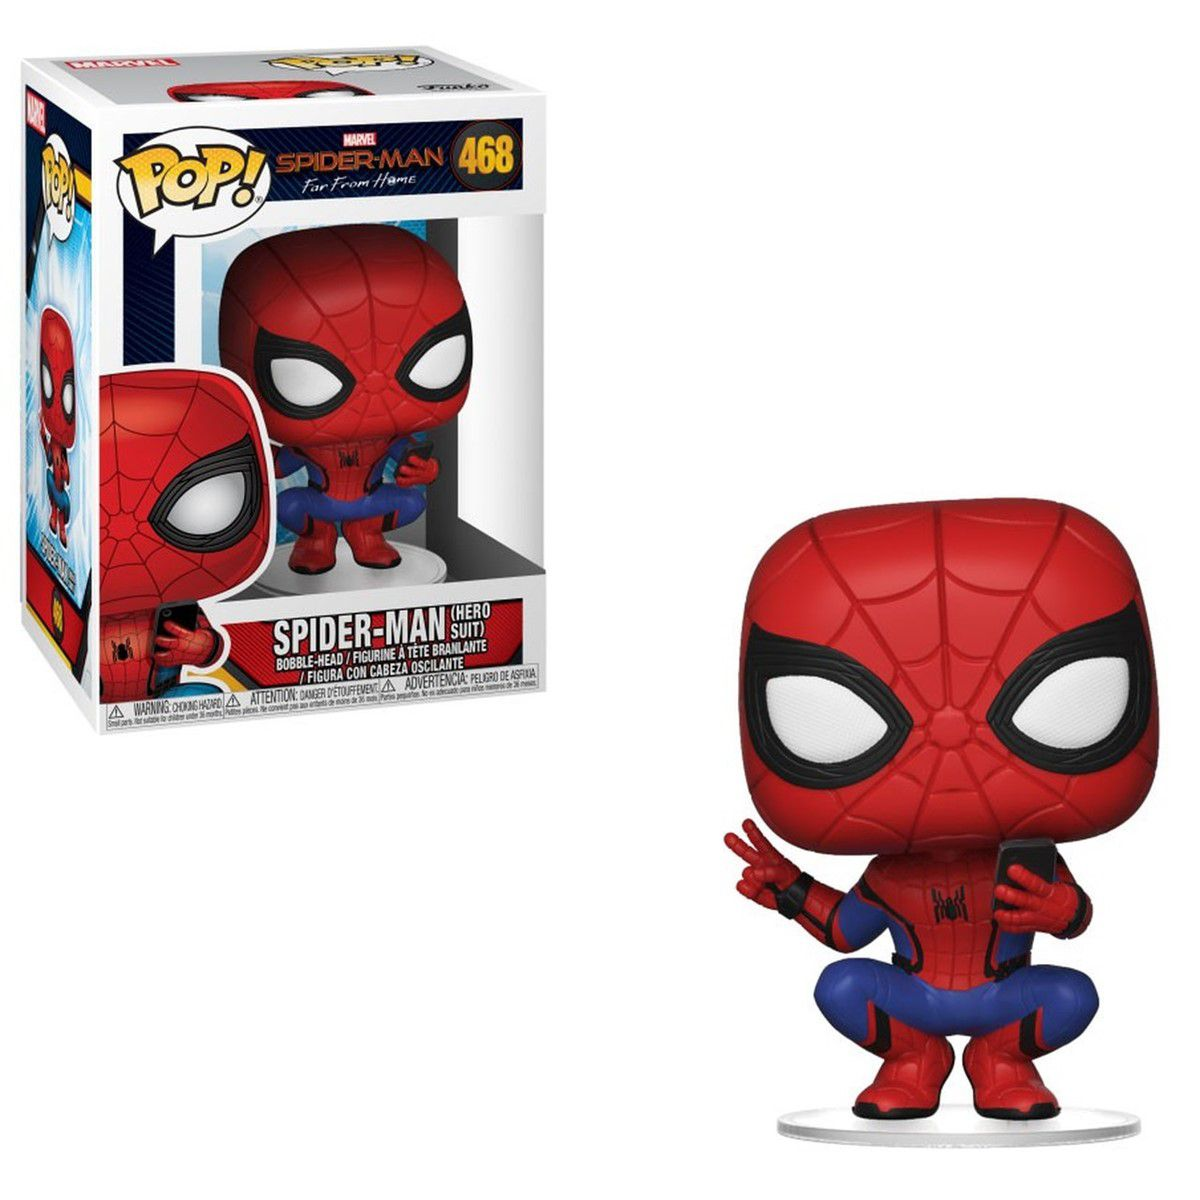 Funko Pop Marvel Spider-Man Far From Home Spider-Man 468